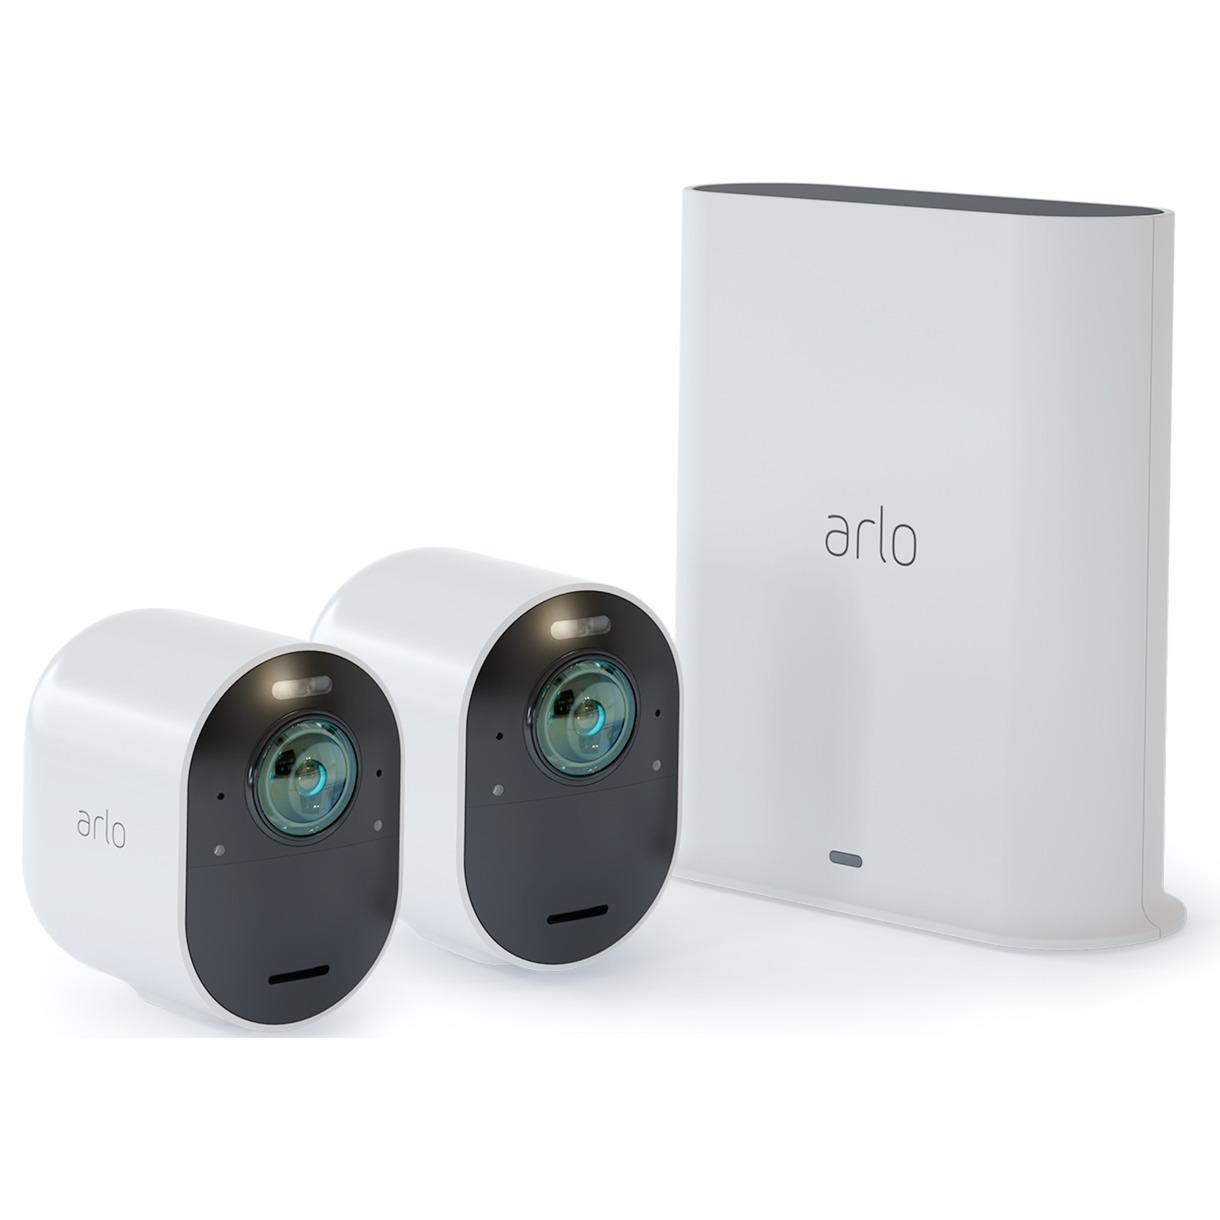 VMS5240 Cámara de seguridad IP Interior y exterior Pared 3840 x 2160 Pixeles, Cámara de vigilancia